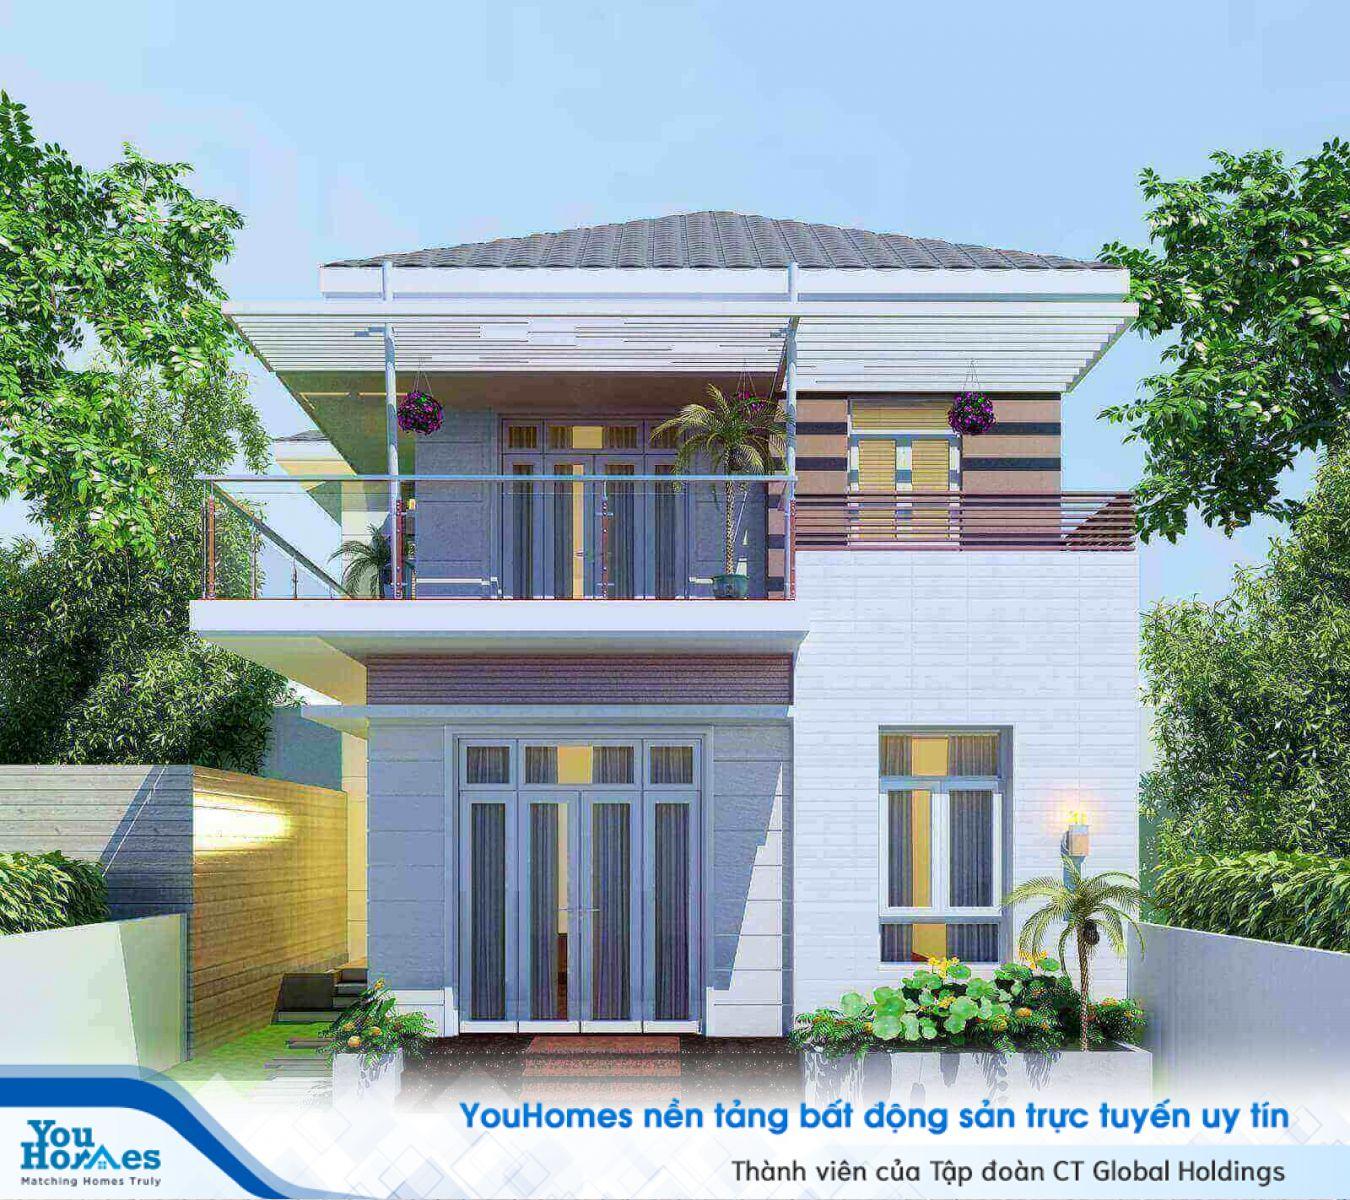 Mẫu nhà 2 tầng hiện đại với thiết kế dàn cây leo tạo nên sức sống cho tổng thể.